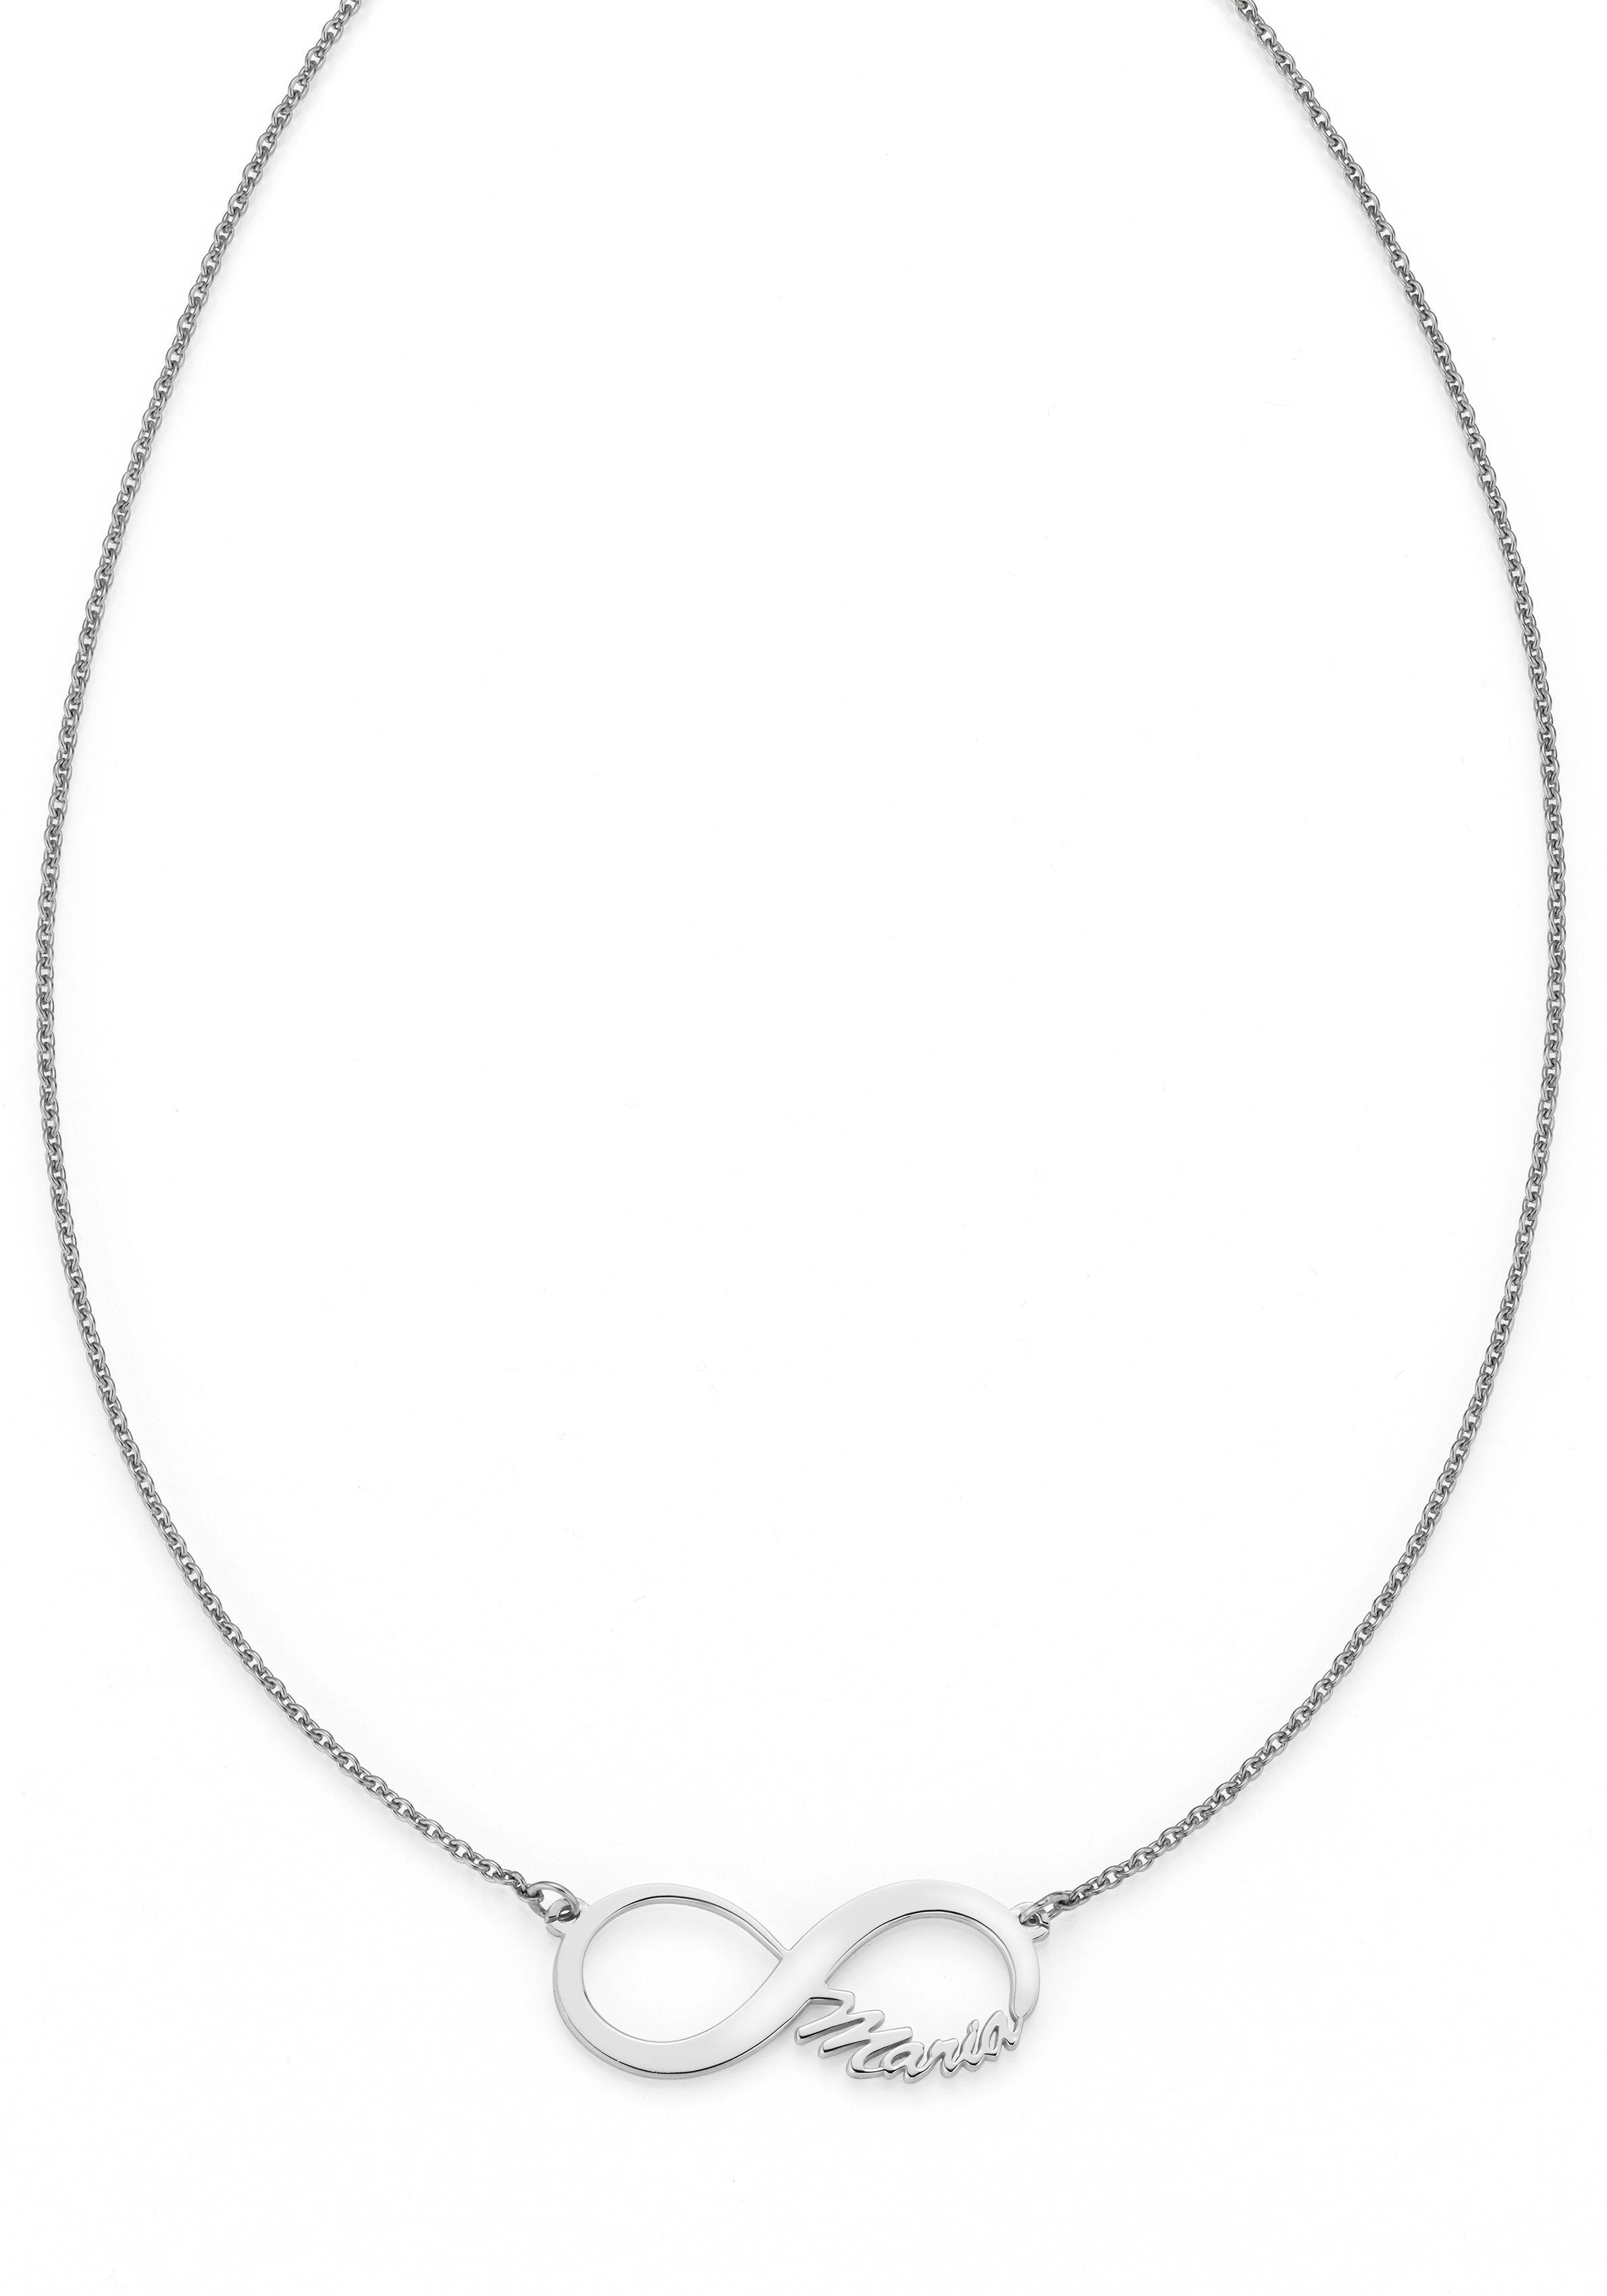 Firetti Namenskette Infinity Unendlichkeitsschleife - individuell mit Namen gestalten | Schmuck > Halsketten > Namensketten | Firetti